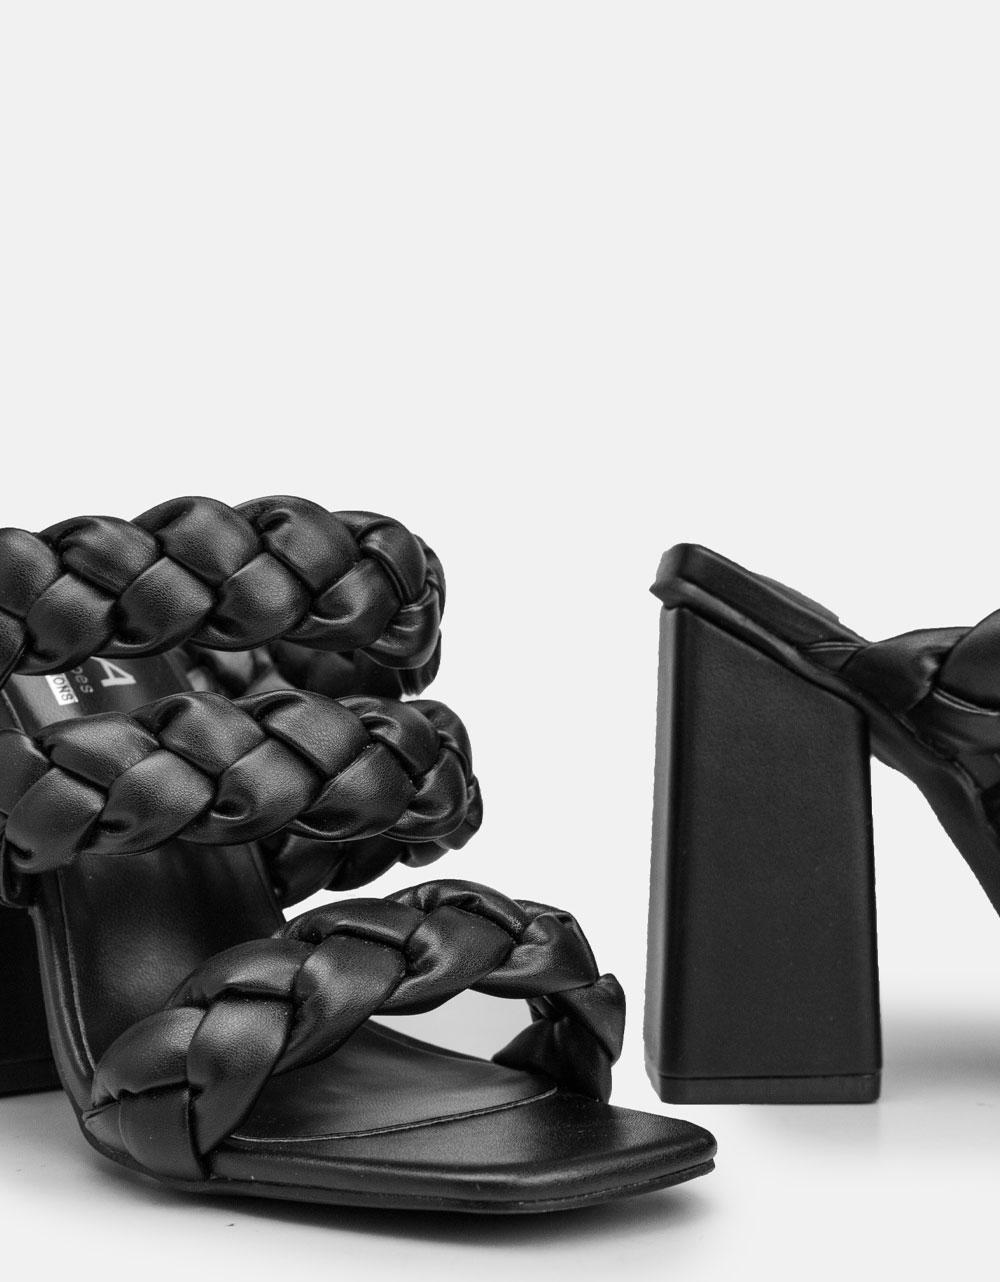 Εικόνα από Γυναικεία mules με περαστά λουράκια Μαύρο